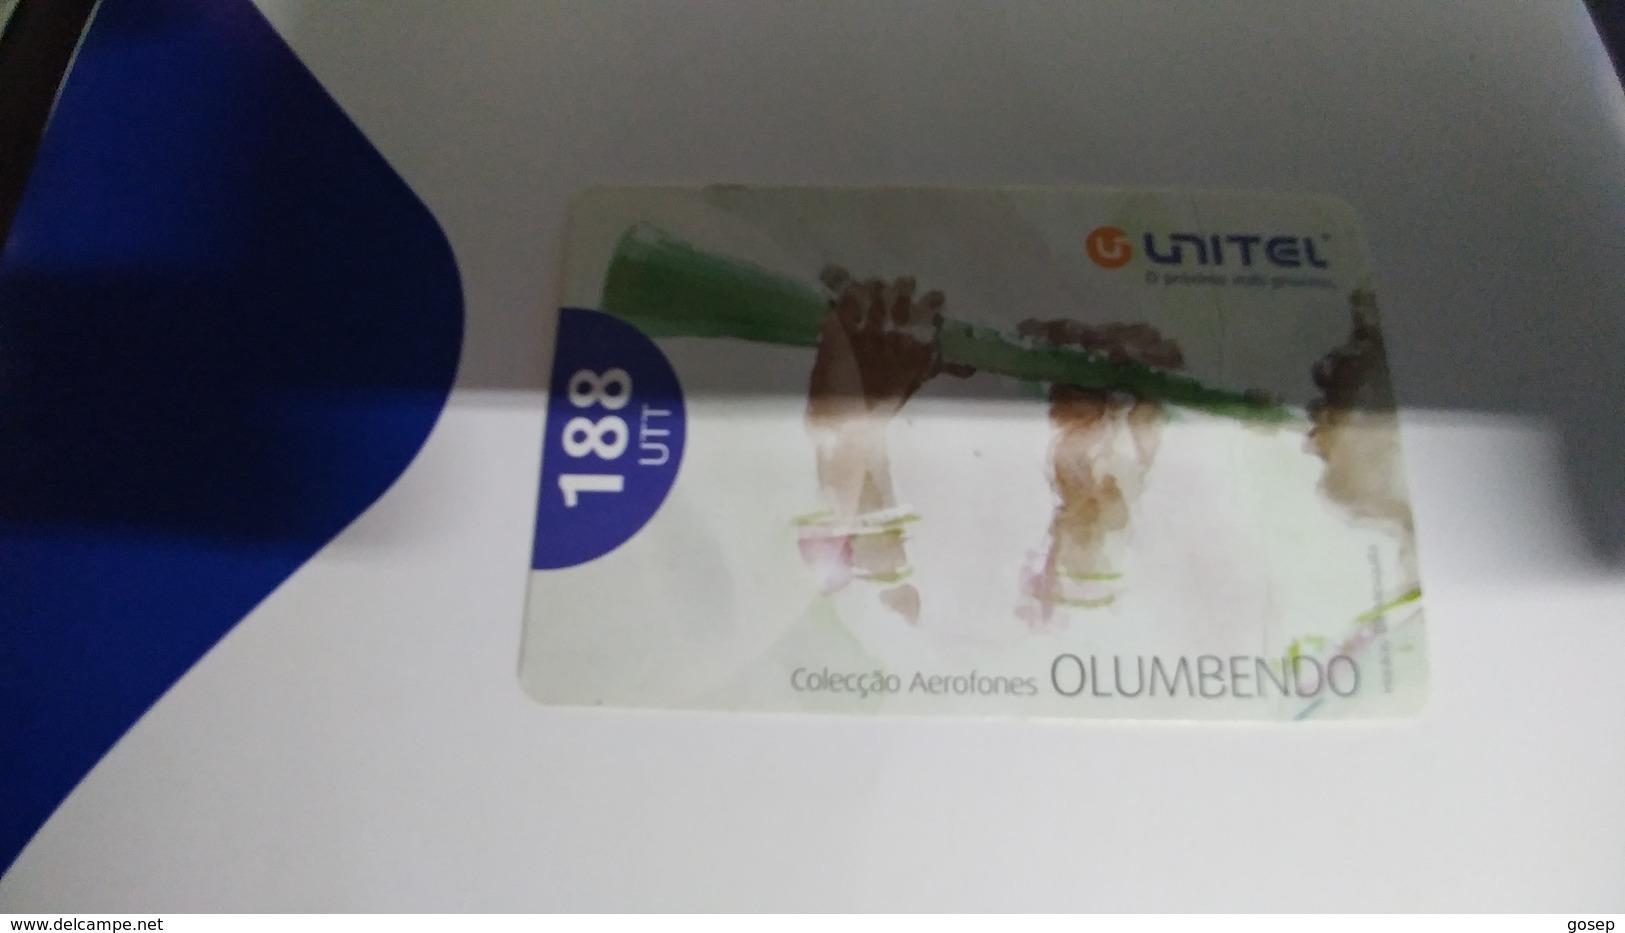 Angola-olumbendo-(24)-(188utt)-22.8.2008-used+1card Prepiad Free - Angola